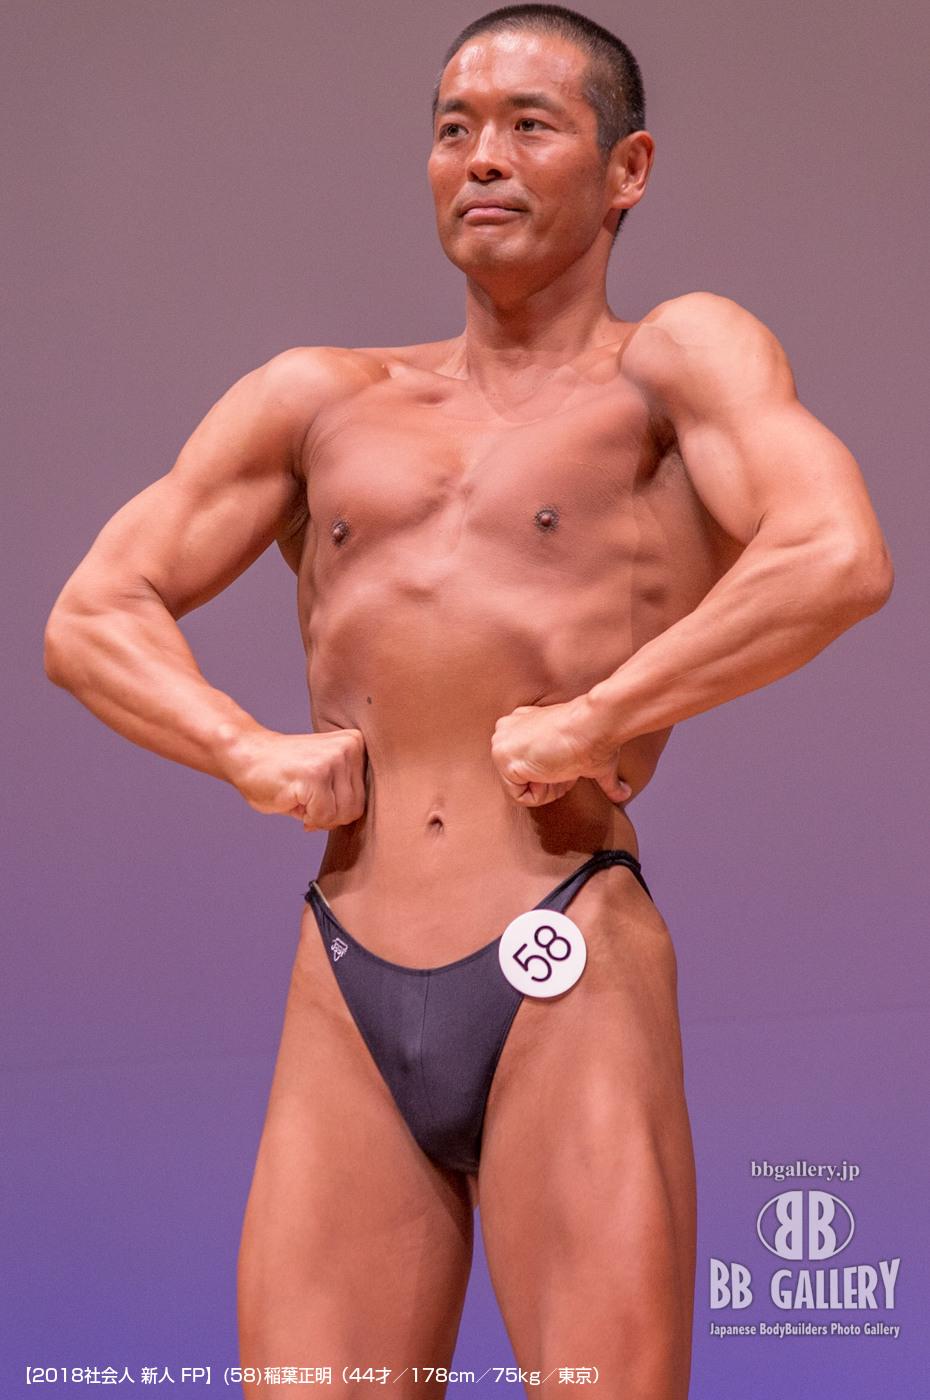 【2018社会人 新人 FP】(58)稲葉正明(44才/178cm/75kg/東京)